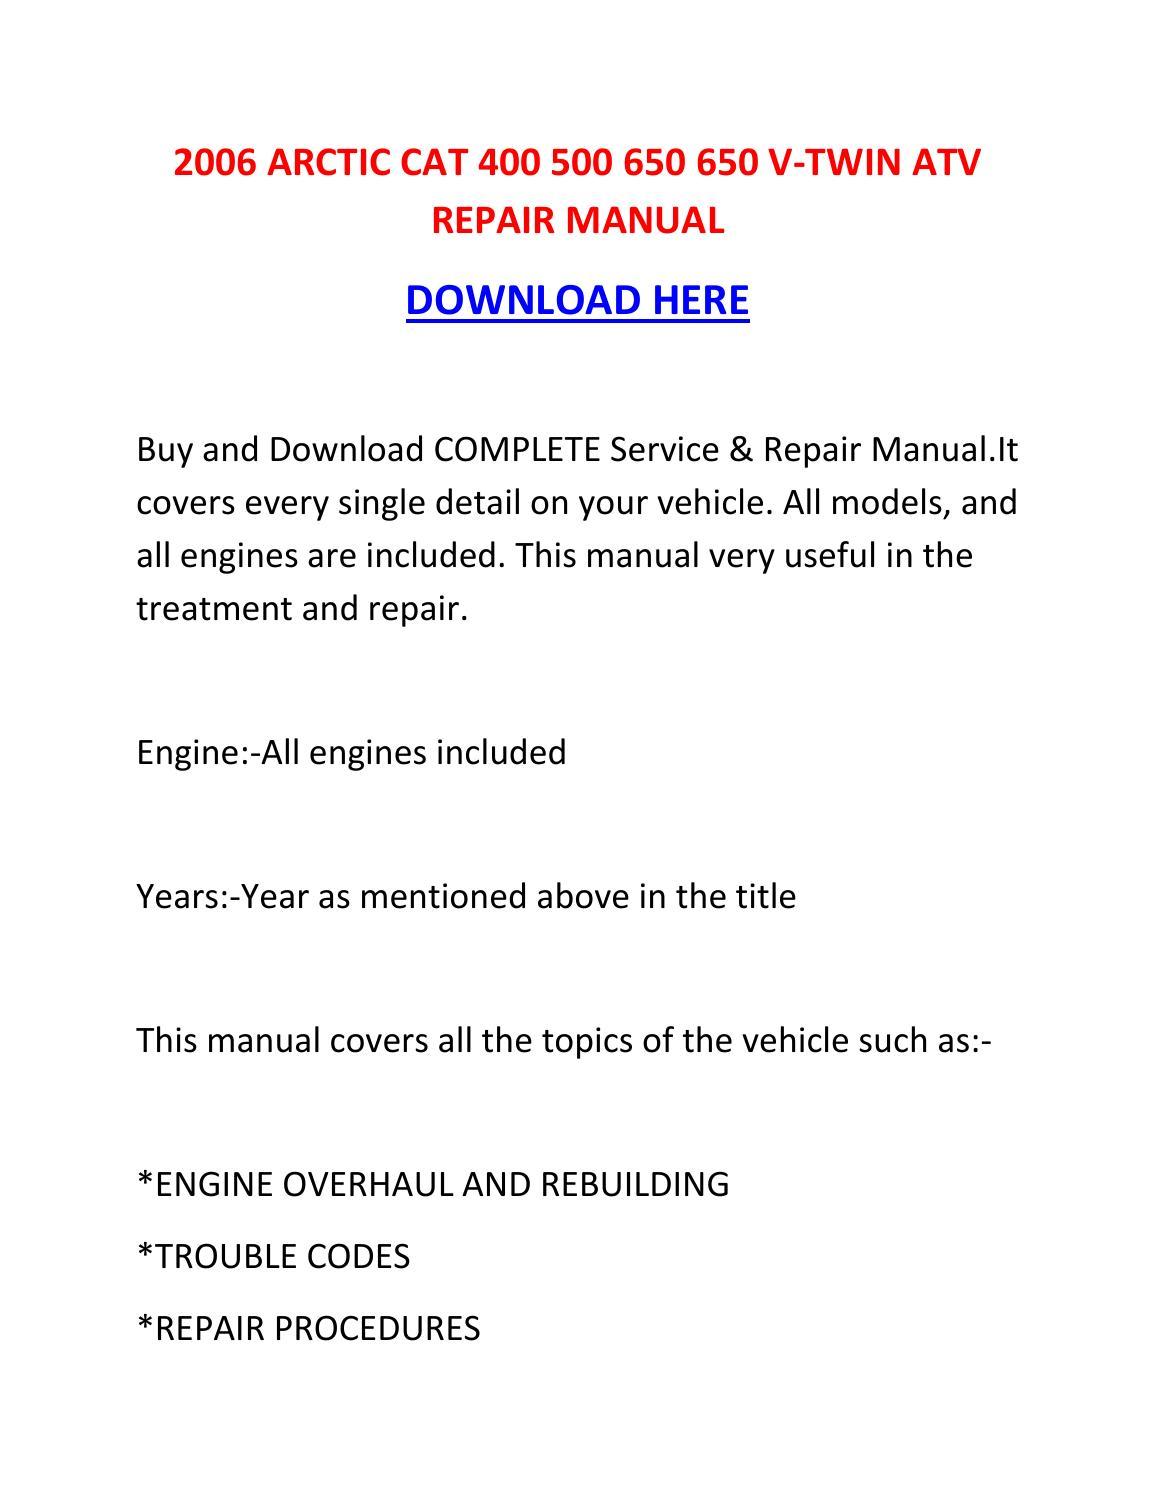 arctic cat 650 v twin wiring diagram ford diagrams f250 2006 400 500 atv repair manual